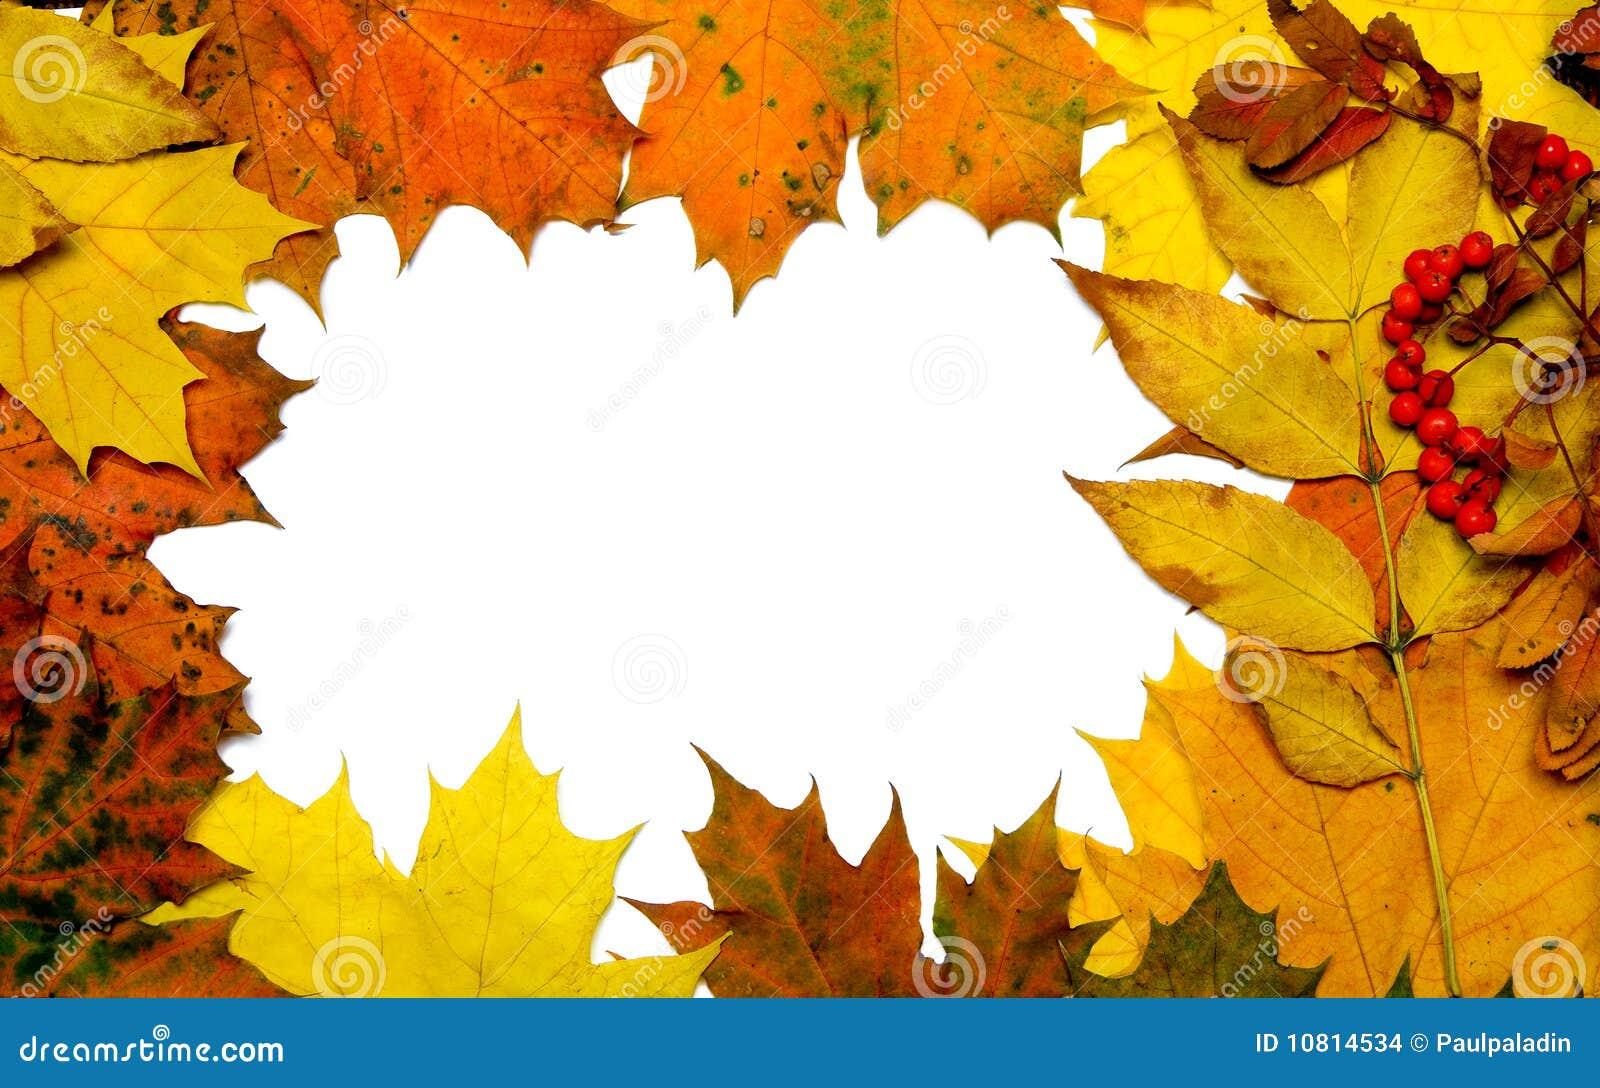 Рамки для фото из листьев своими руками